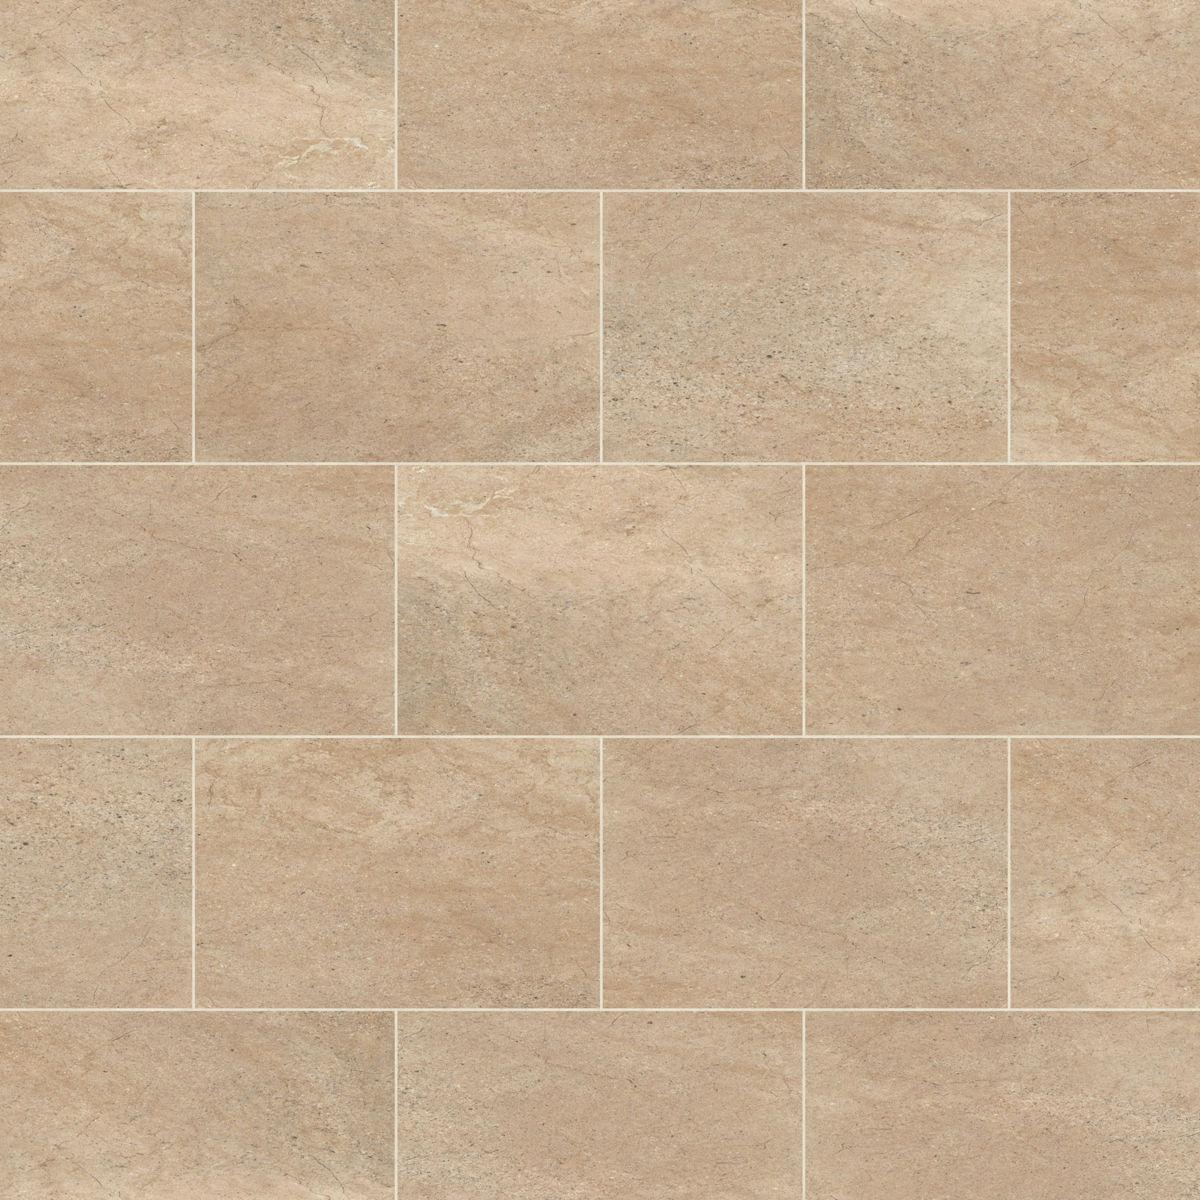 Karndean knight tile bath stone st12 vinyl flooring for Vinyl floor tiles